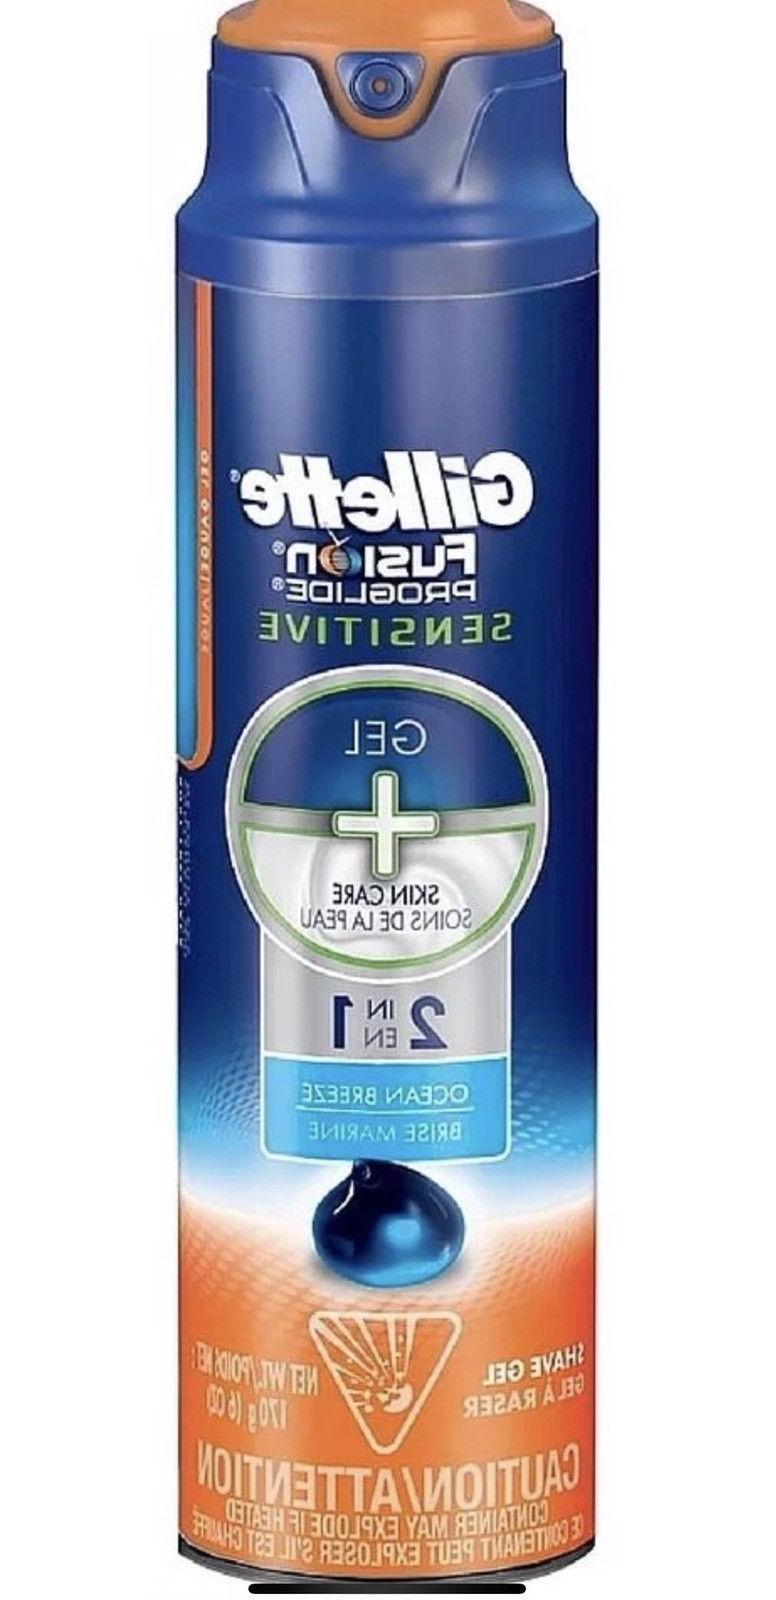 6-PACK of Gillette ProGlide Sensitive Shave 6 OCEAN -New